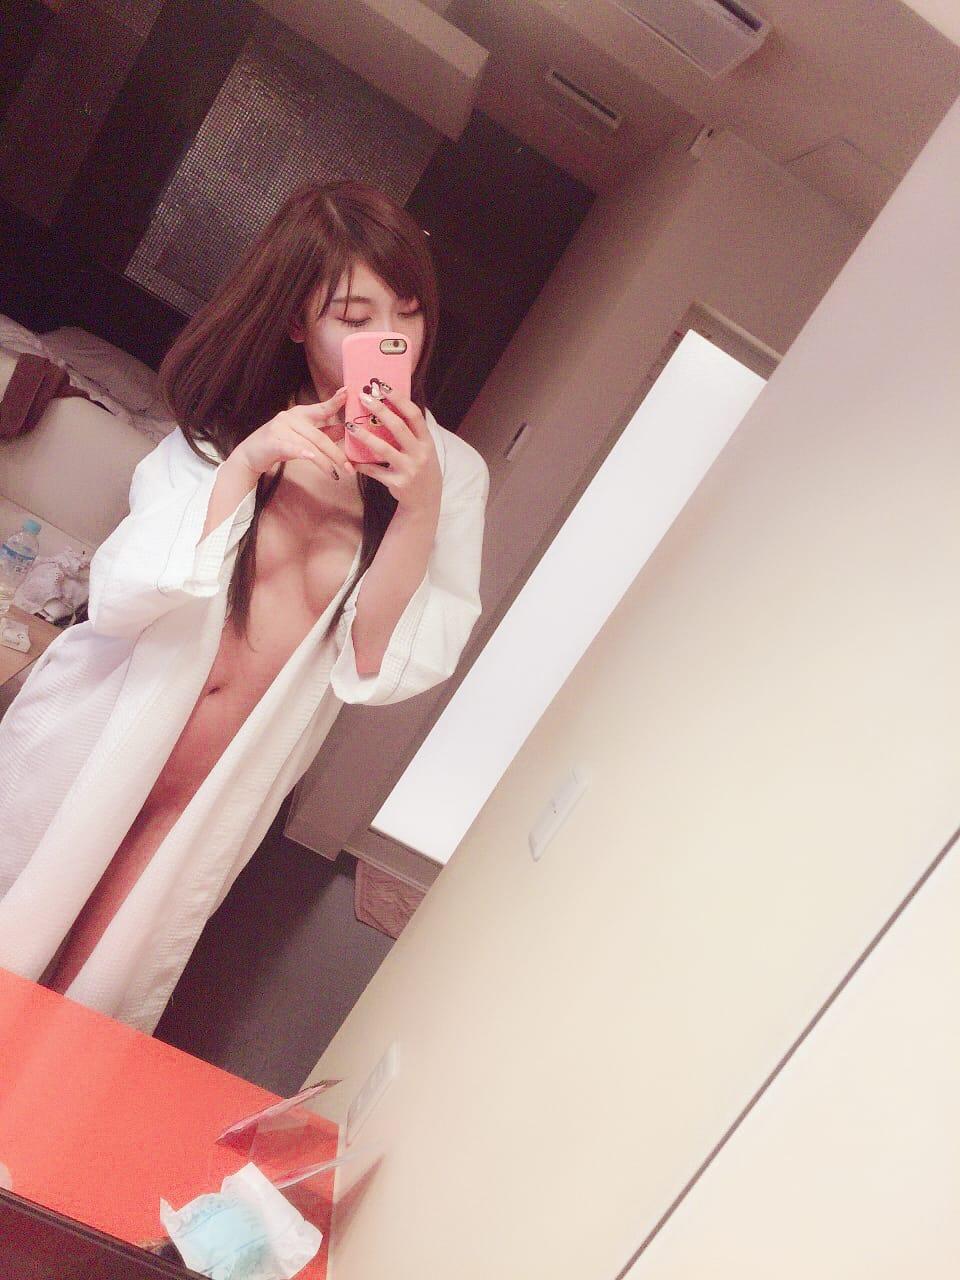 「ひえええええ」05/07(05/07) 04:00 | るるの写メ・風俗動画